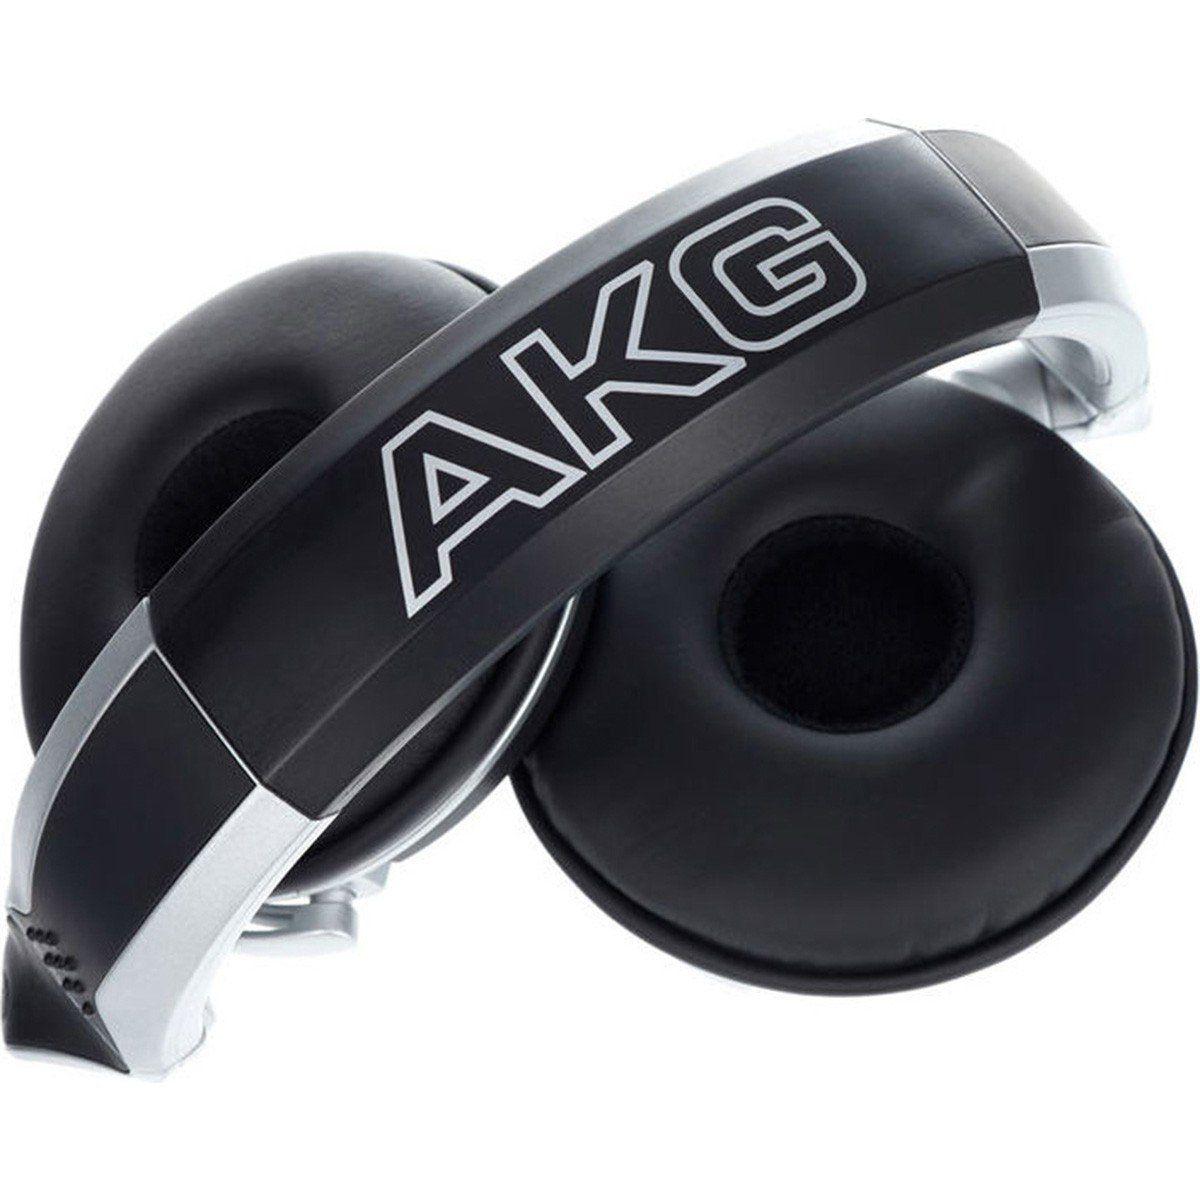 Akg K-181 Fone de Ouvido K181 Fechado para Dj Profissional